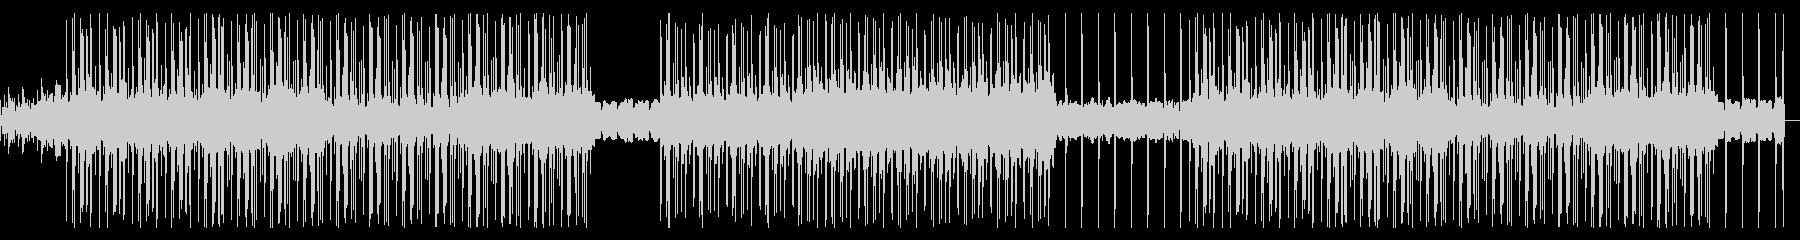 疑問 回想 推理 探索 逆再生音楽の未再生の波形